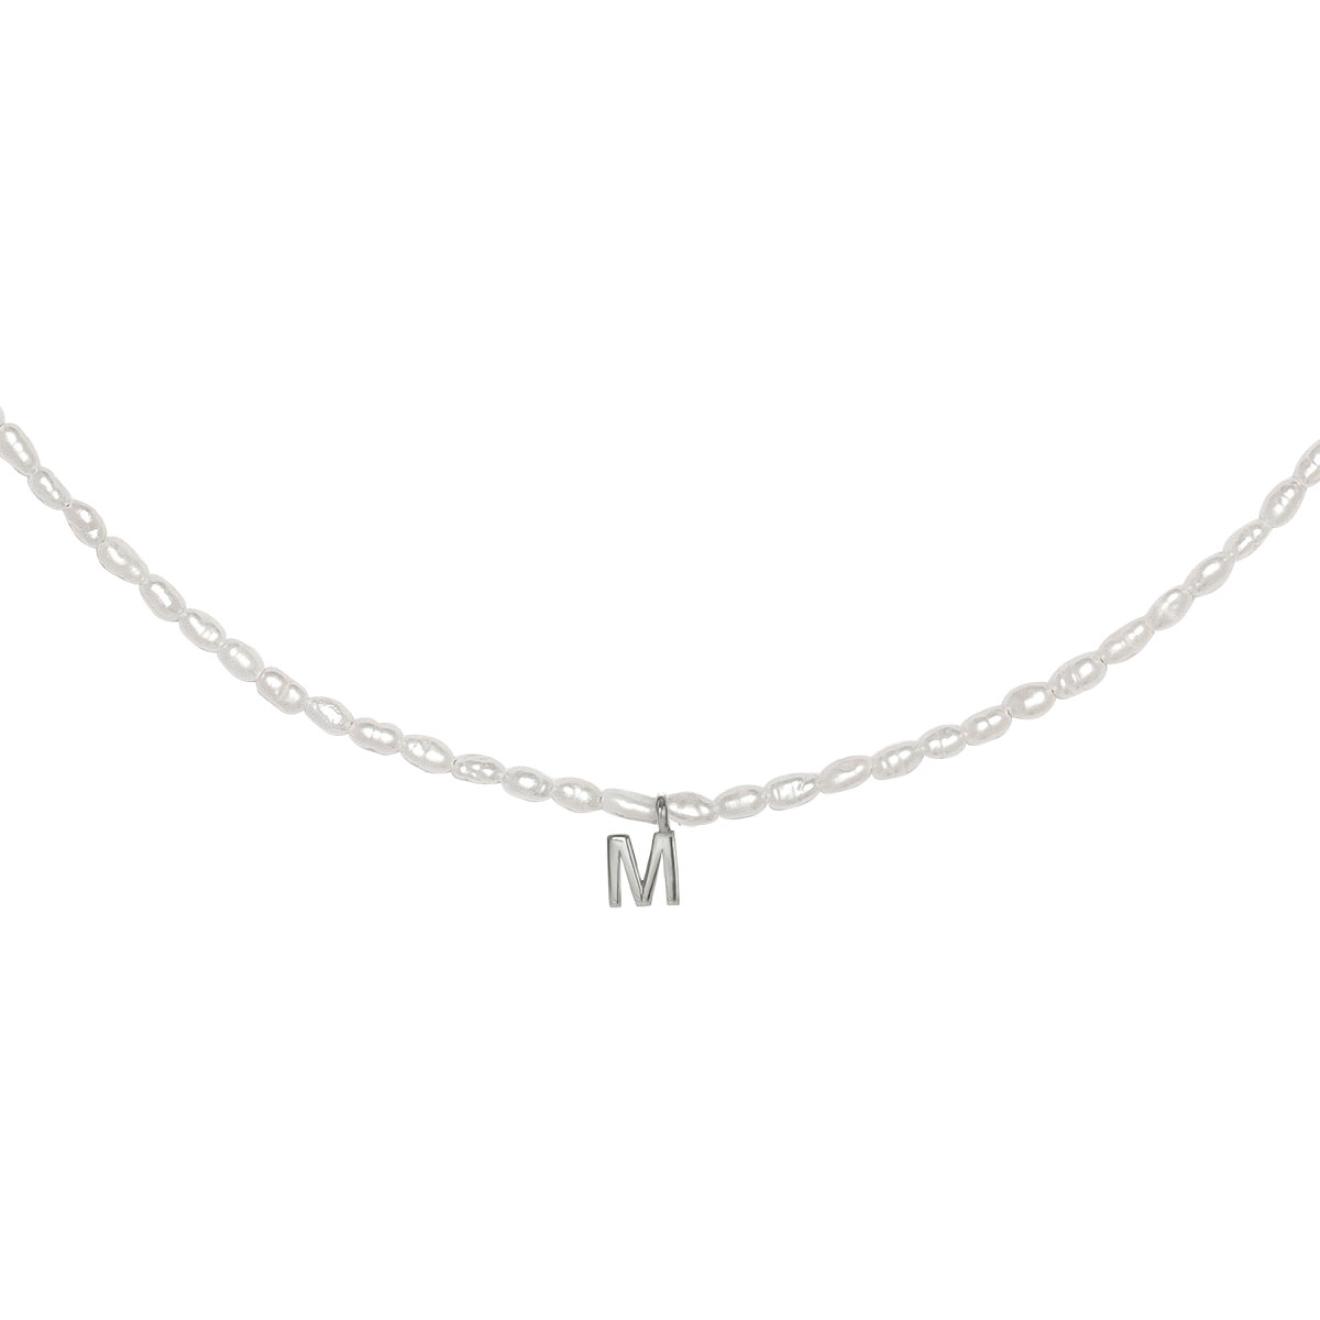 Фото - Ringstone Жемчужное ожерелье из серебра с буквой M ringstone жемчужное ожерелье с буквой s ringstone